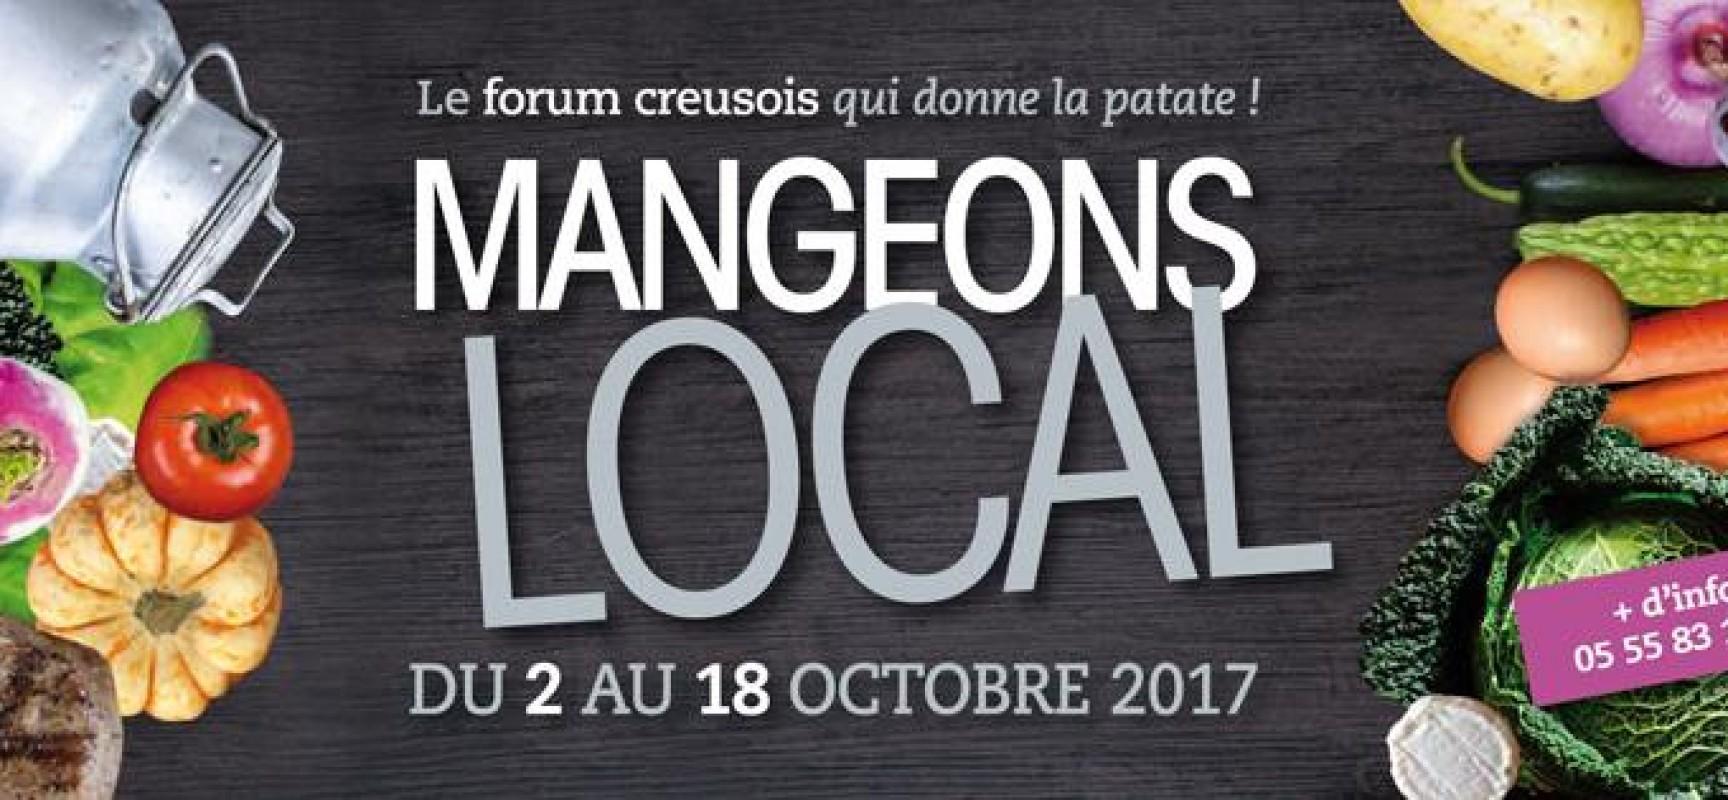 1er Forum de l'alimentation locale – « Mangeons local, le forum creusois qui donne la patate ! » du 2 au 18 octobre 2017